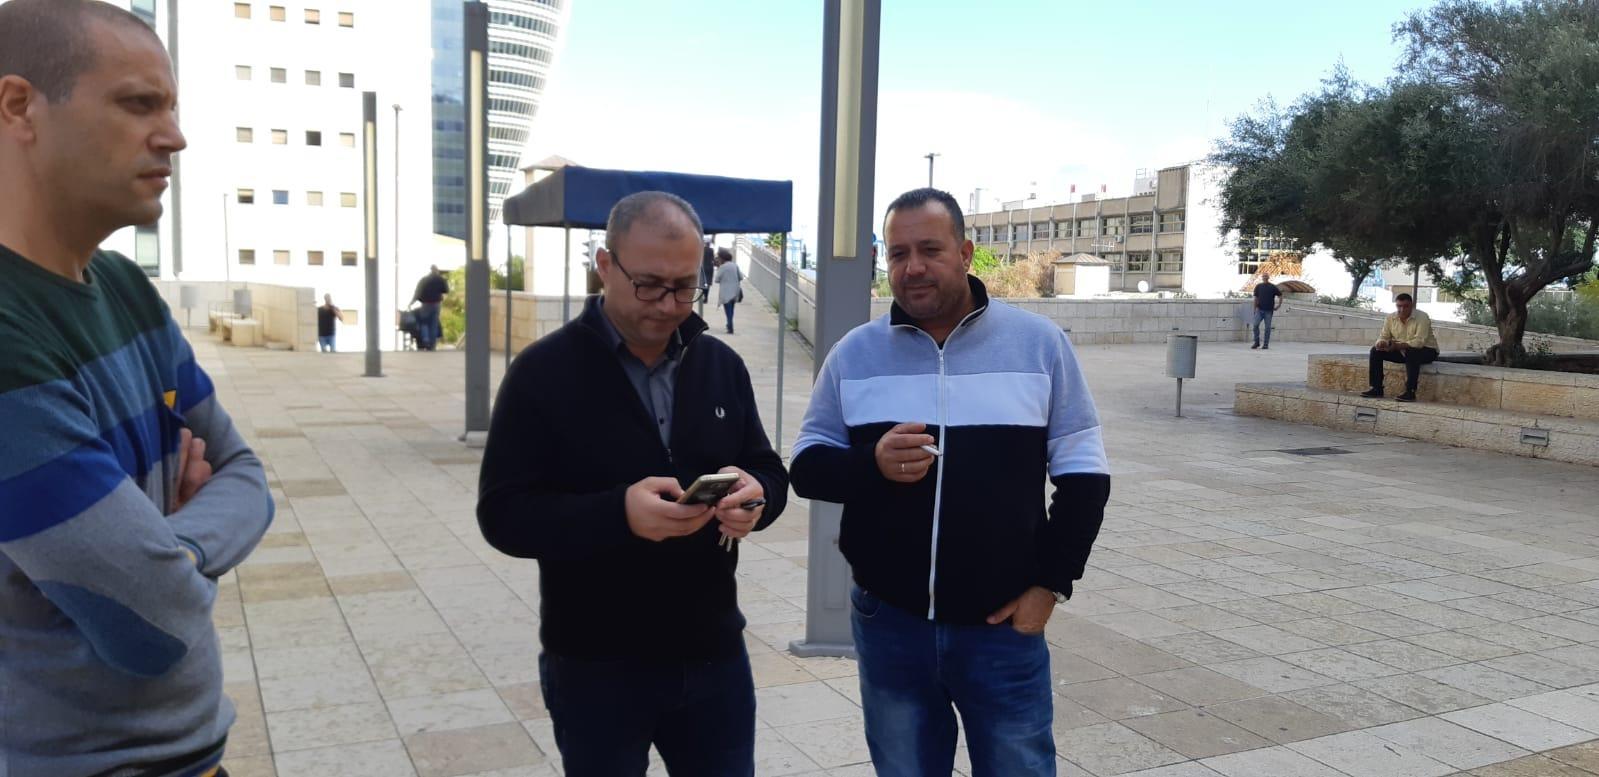 انتخابات طمرة: المحكمة تستجيب لطلب المرشح أبو رومي